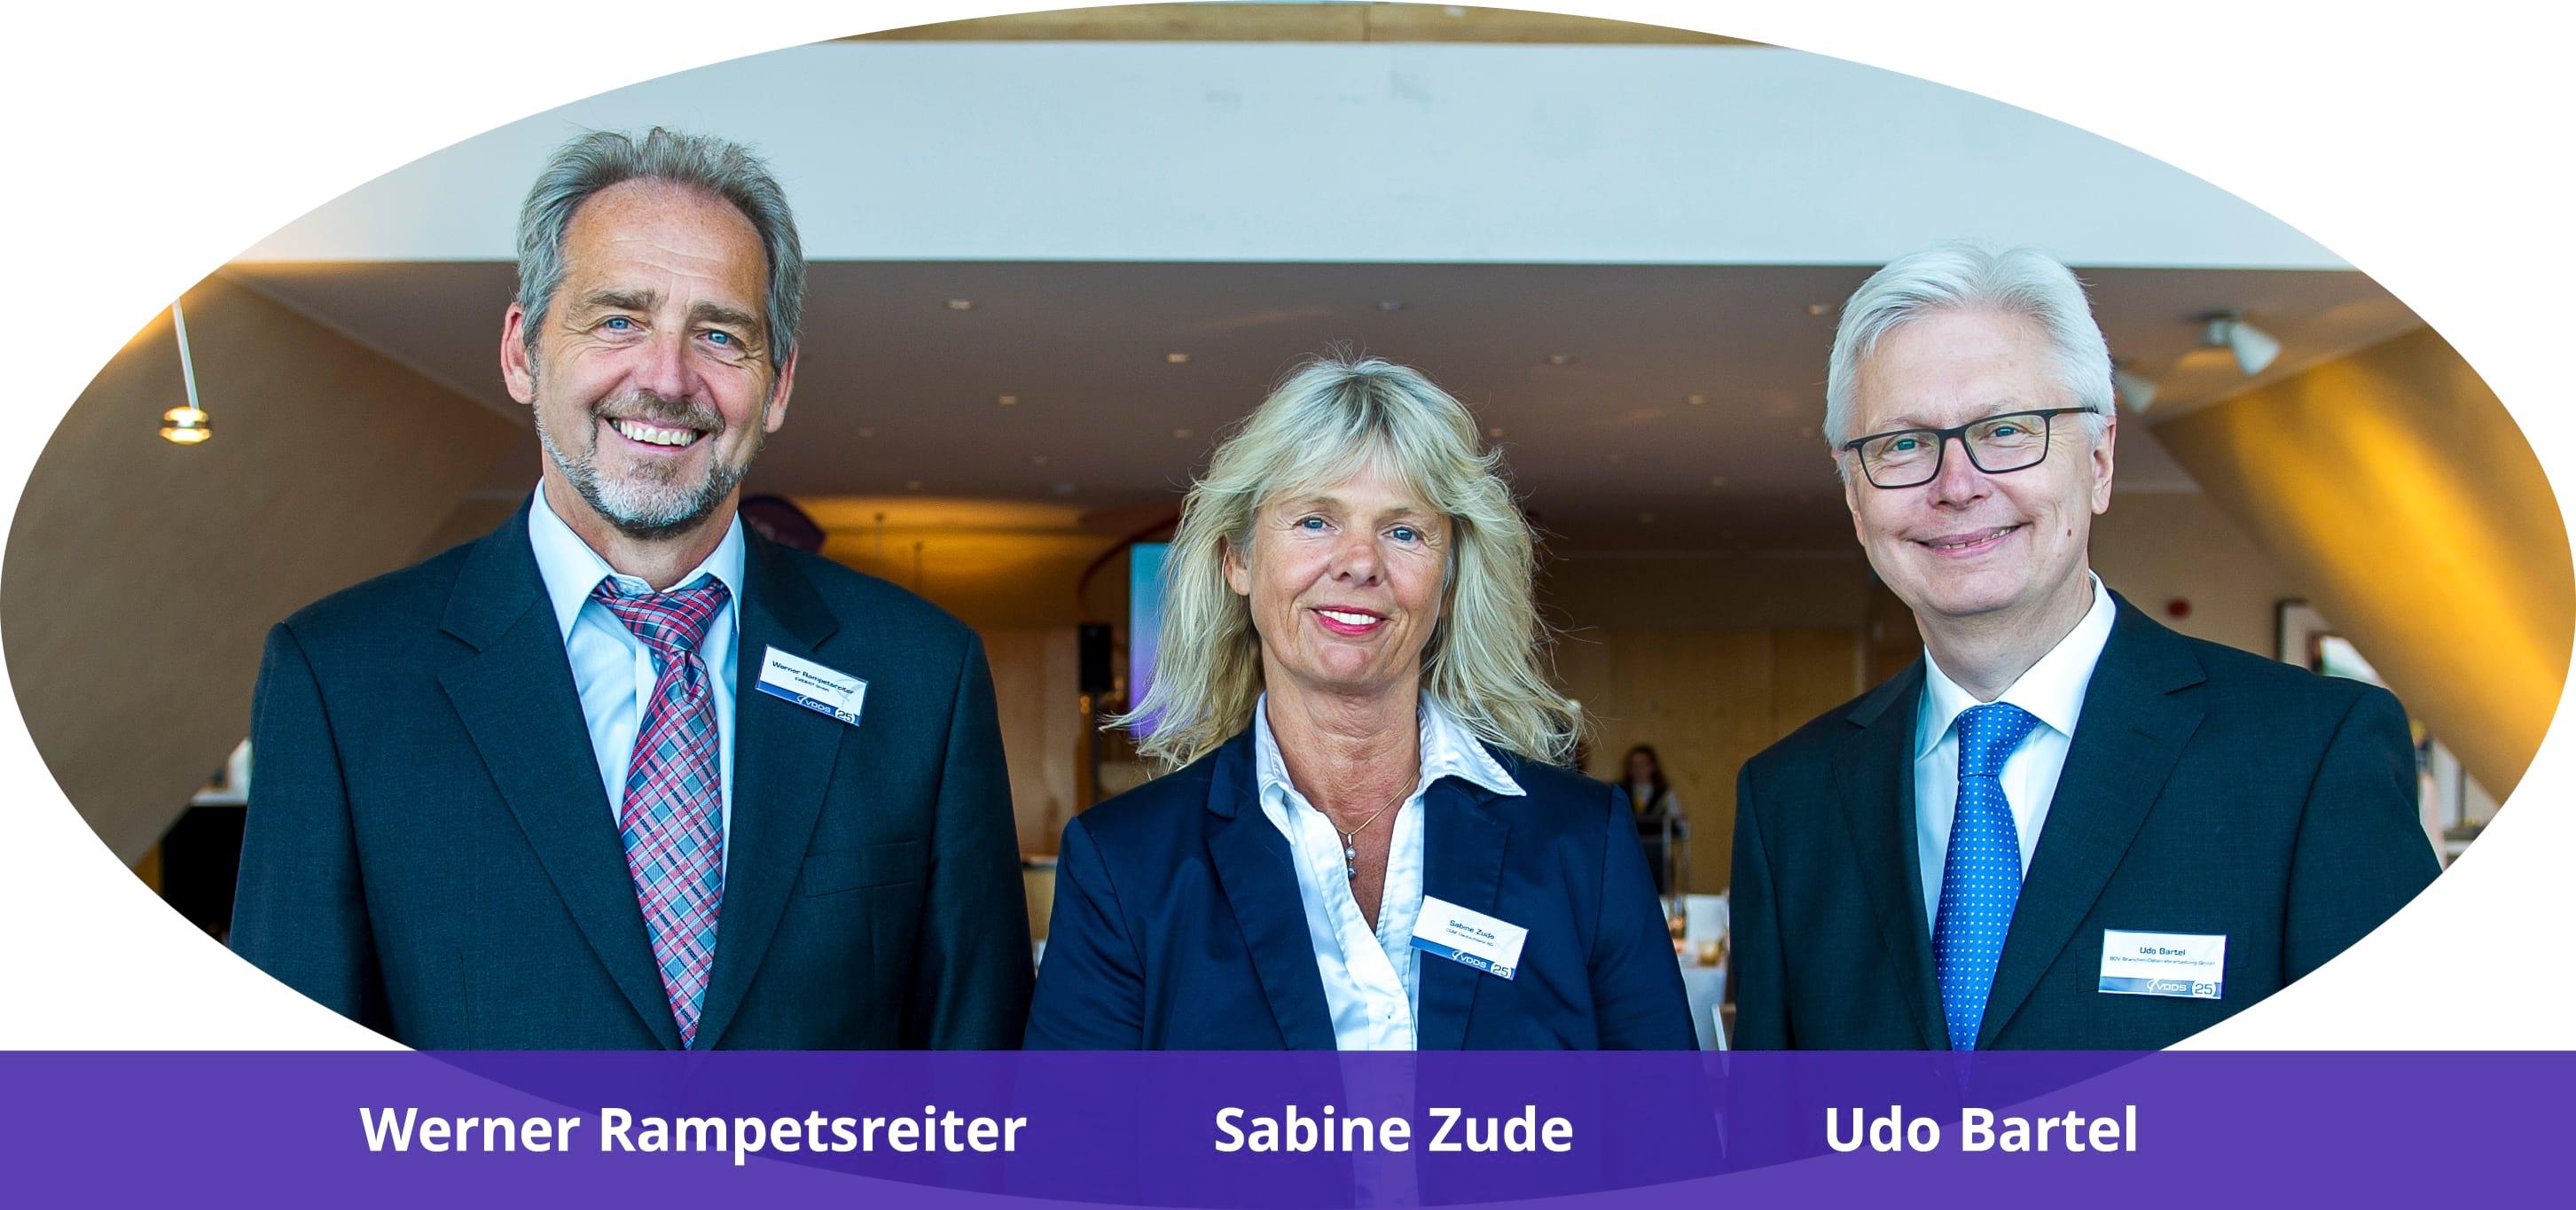 Vorstand des VDDS e.V. - Werner Rampetsreiter, Sabine Zude, Udo Bartel